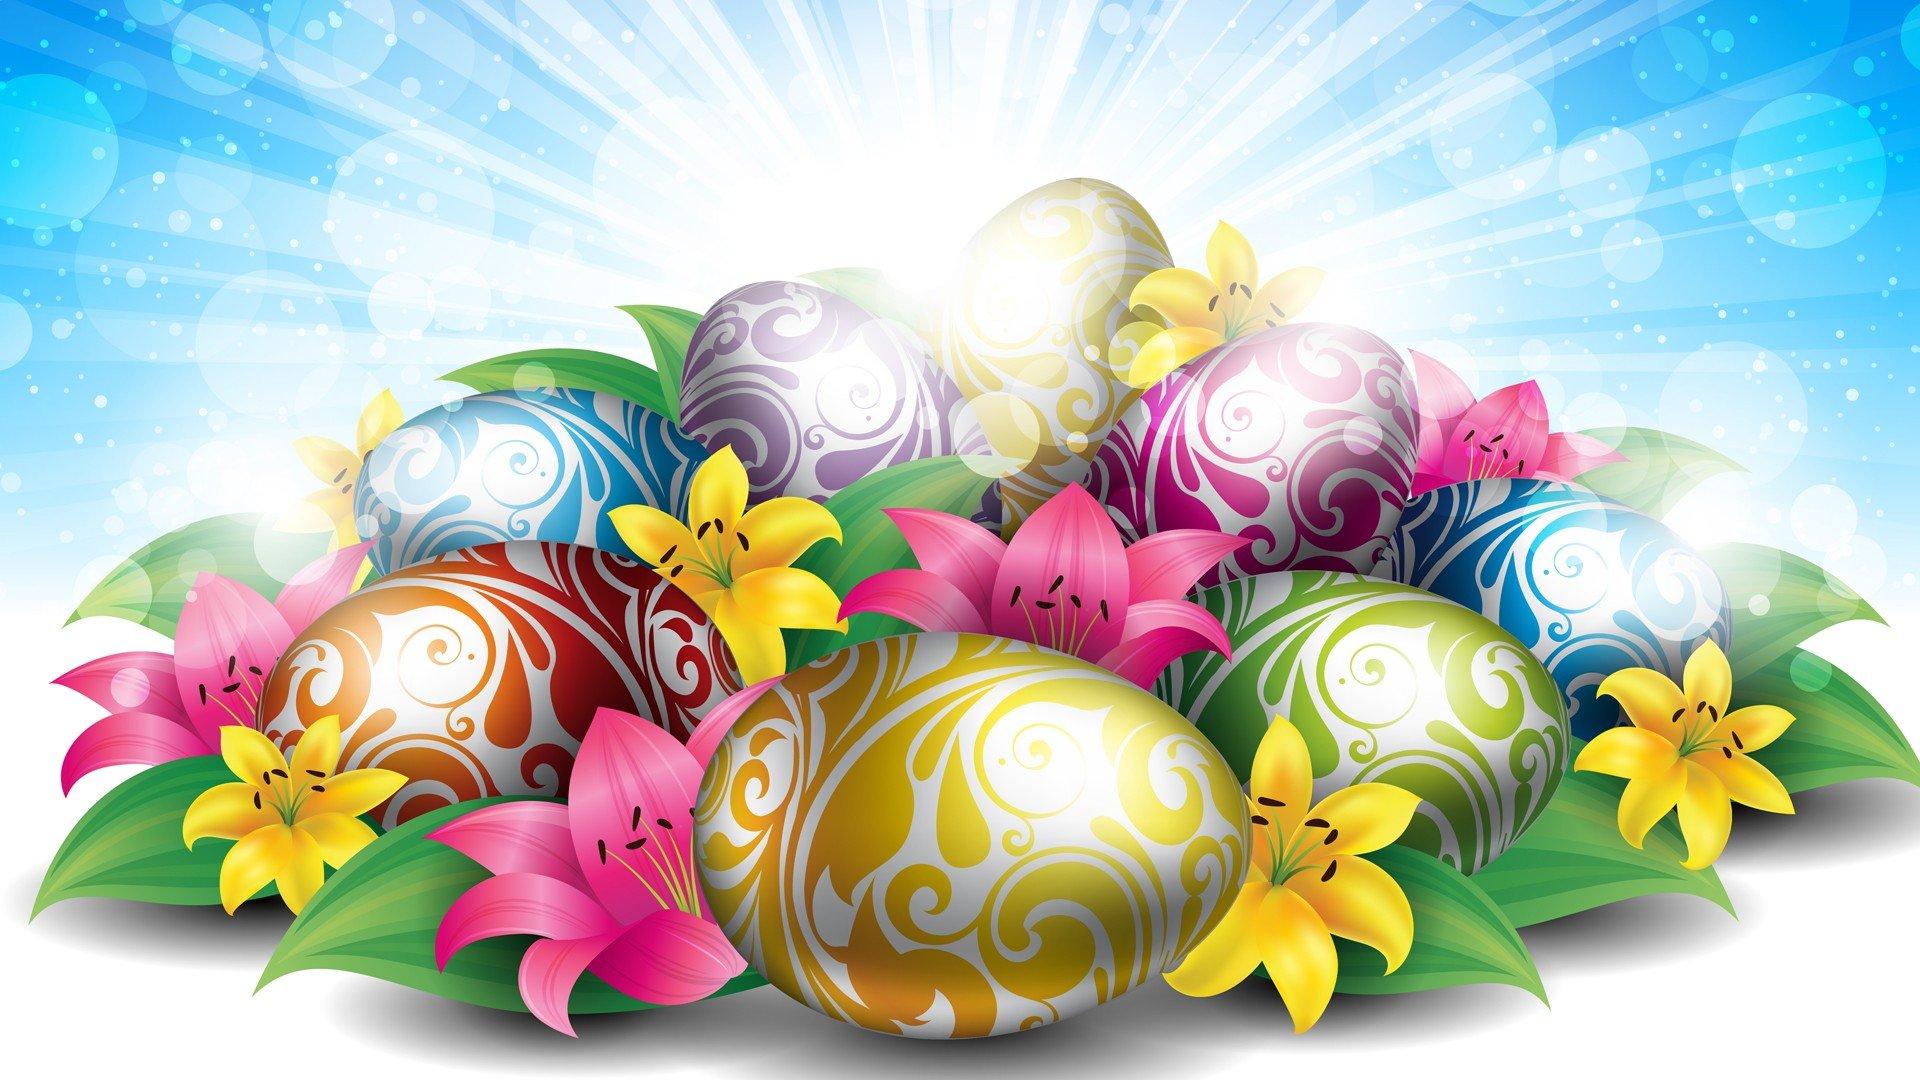 HD Easter Wallpaper - WallpaperSafari